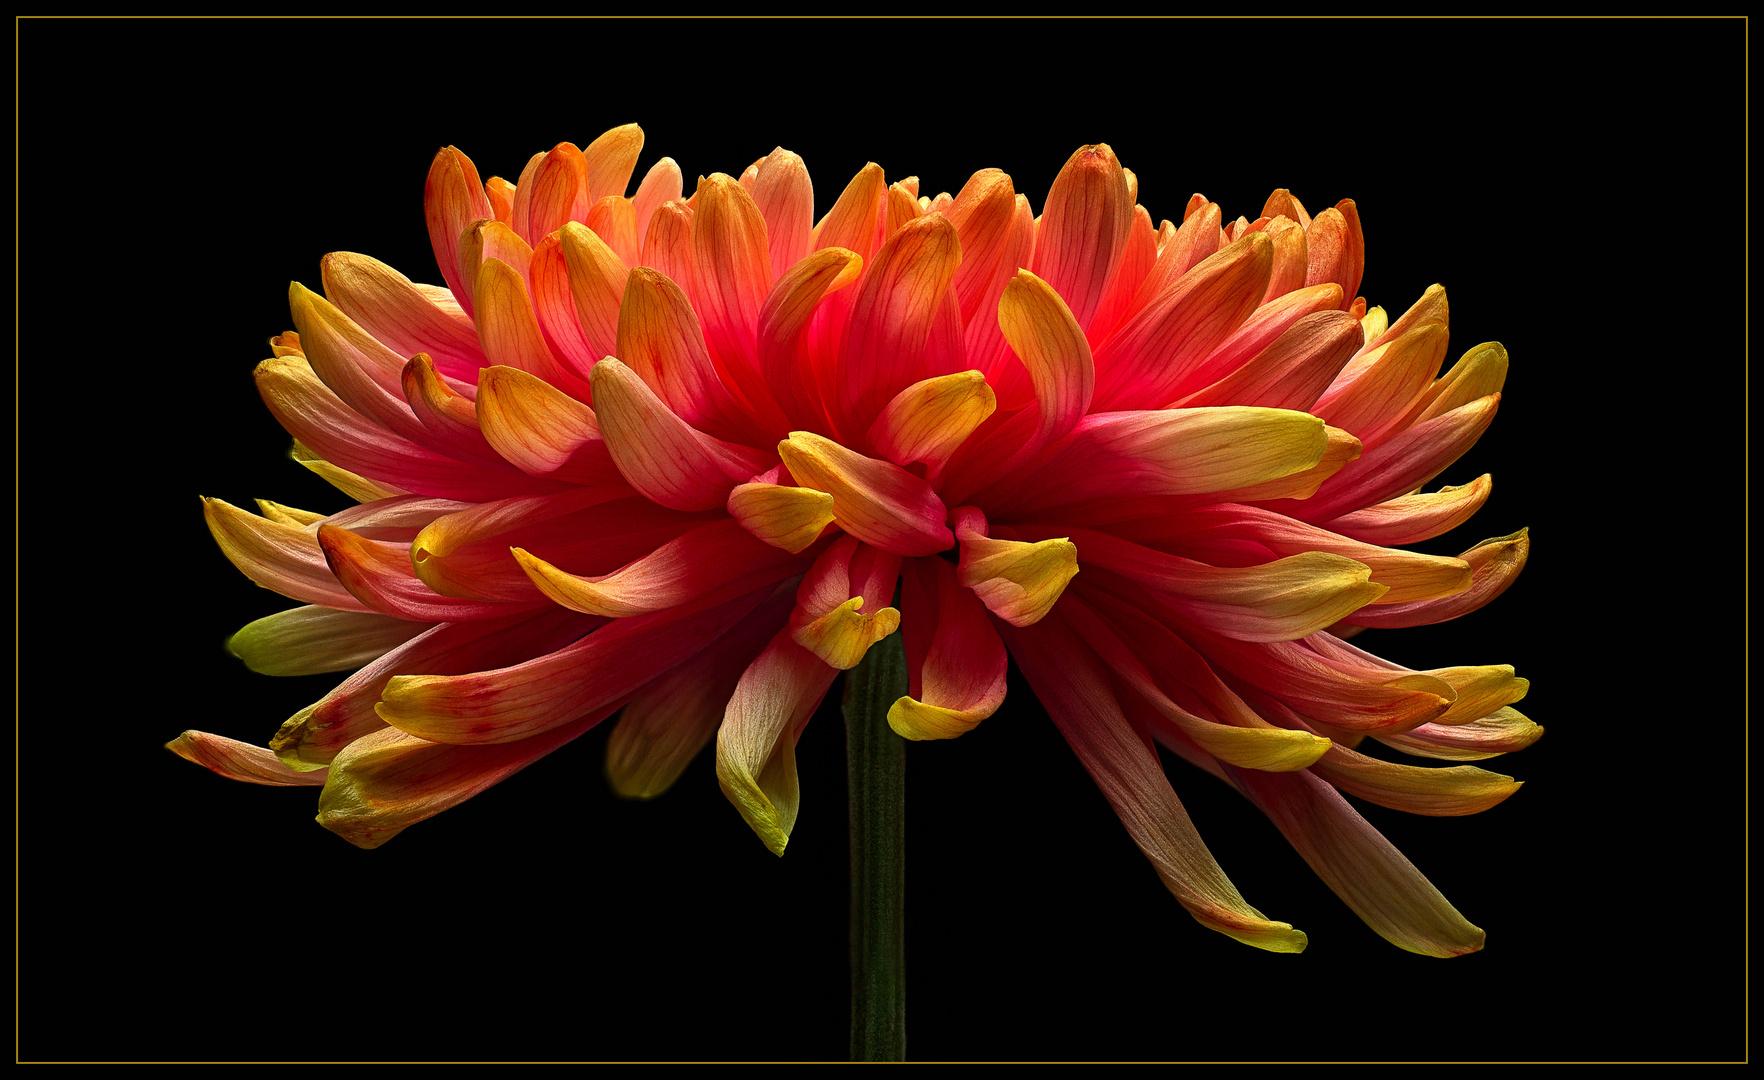 Chrysanthemen sind beliebte Schnittblumen .. auch in der winterlichen Zeit